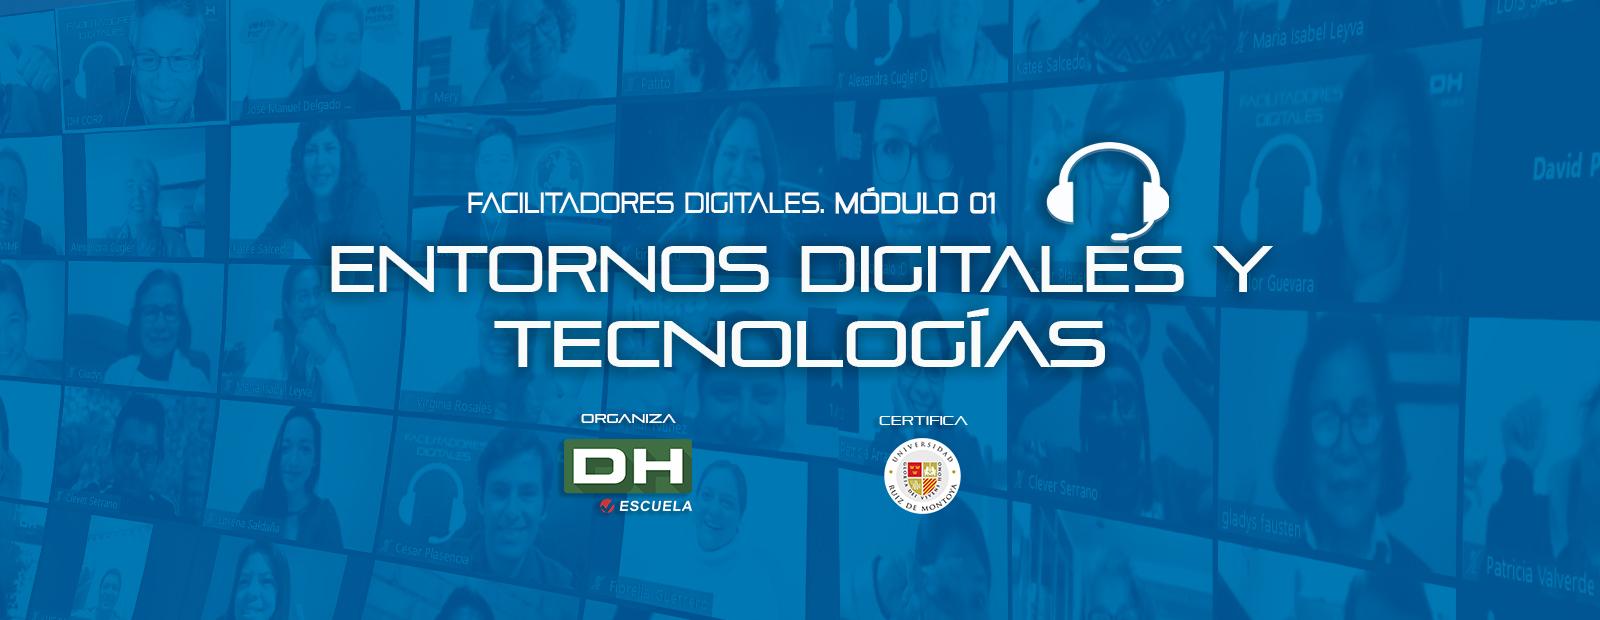 Módulo 01 ENTORNOS DIGITALES Y TECNOLOGÍAS